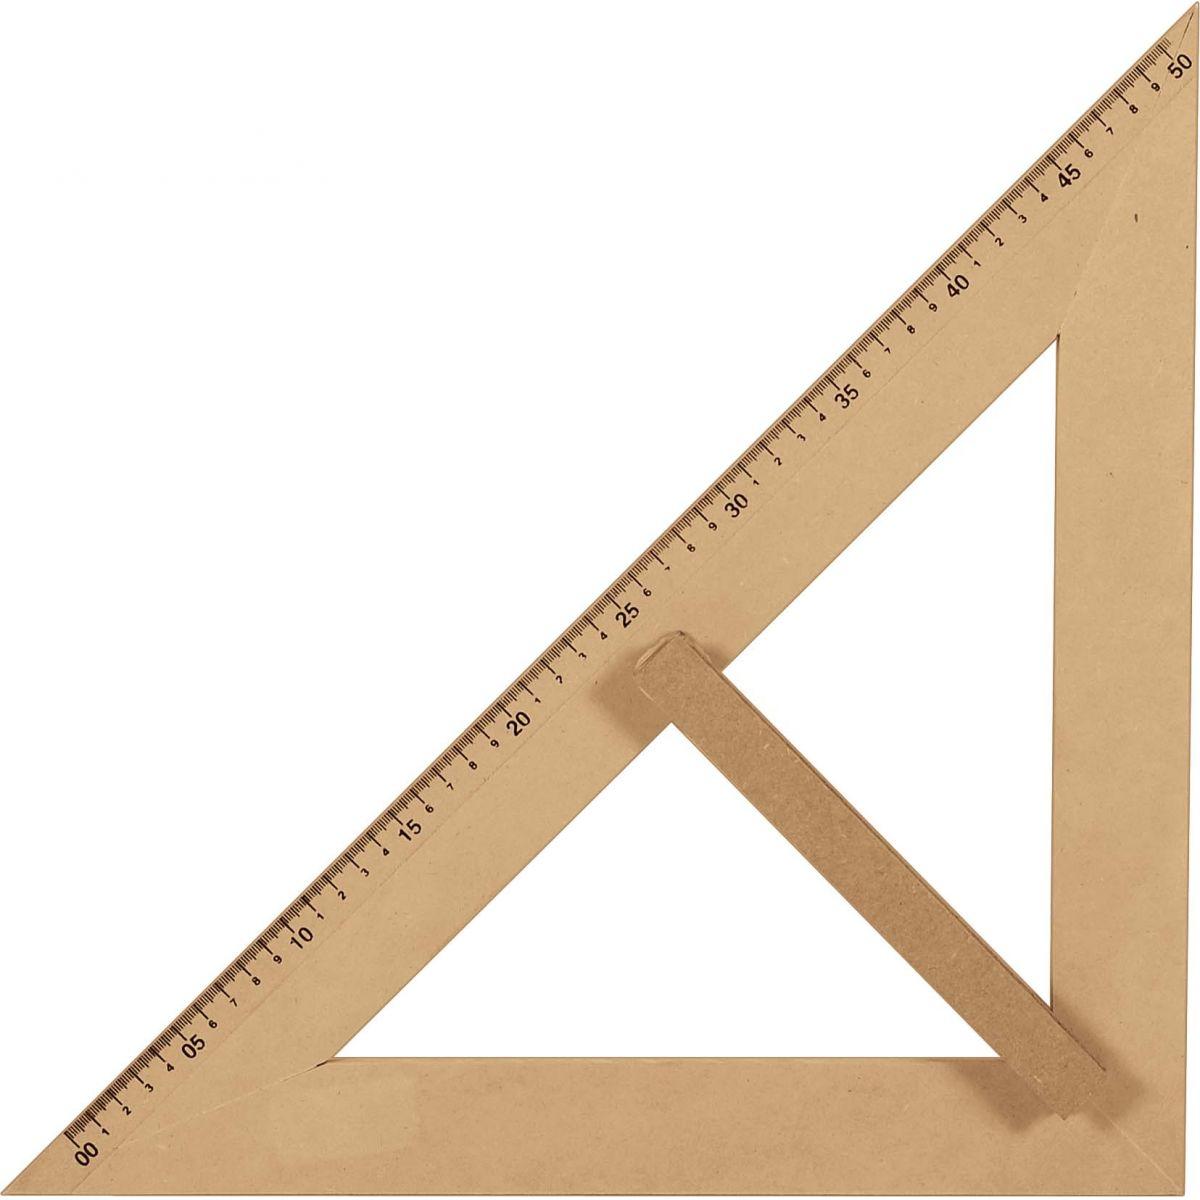 Kit Geométrico do Professor Mdf Com Régua Com Régua 1 Metro, Compasso Para Giz 40 cm, Esquadro 30/60 Graus, Esquadro 45 Graus e Transferidor 180 Graus